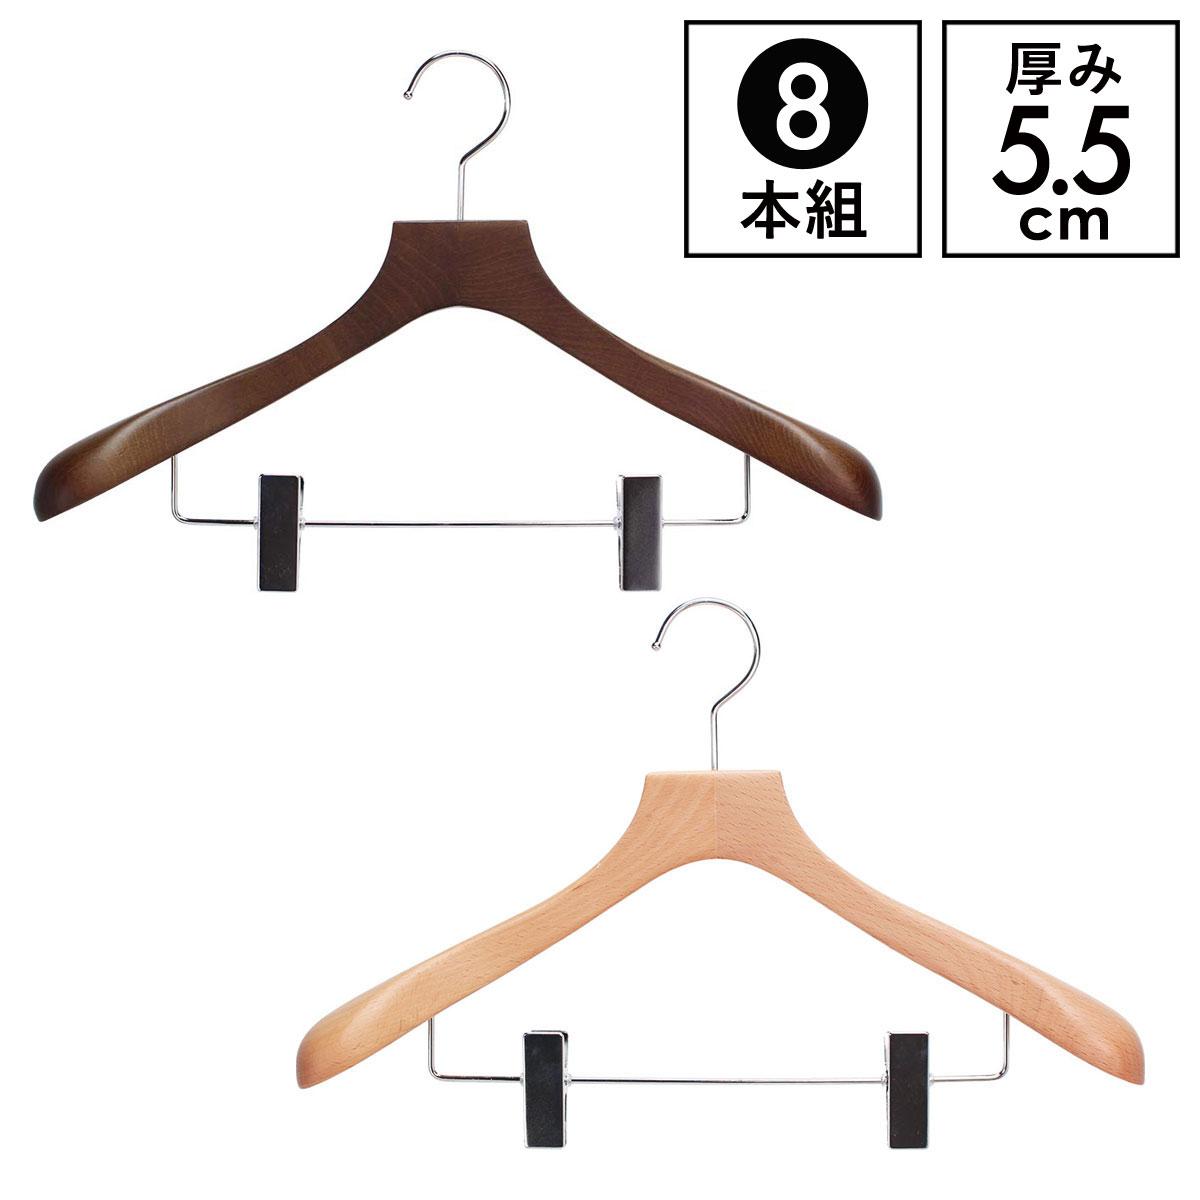 【最大2,000円OFFクーポン】木製ハンガー メンズ ハンガー 木製 フォレスタ 55C 8本組